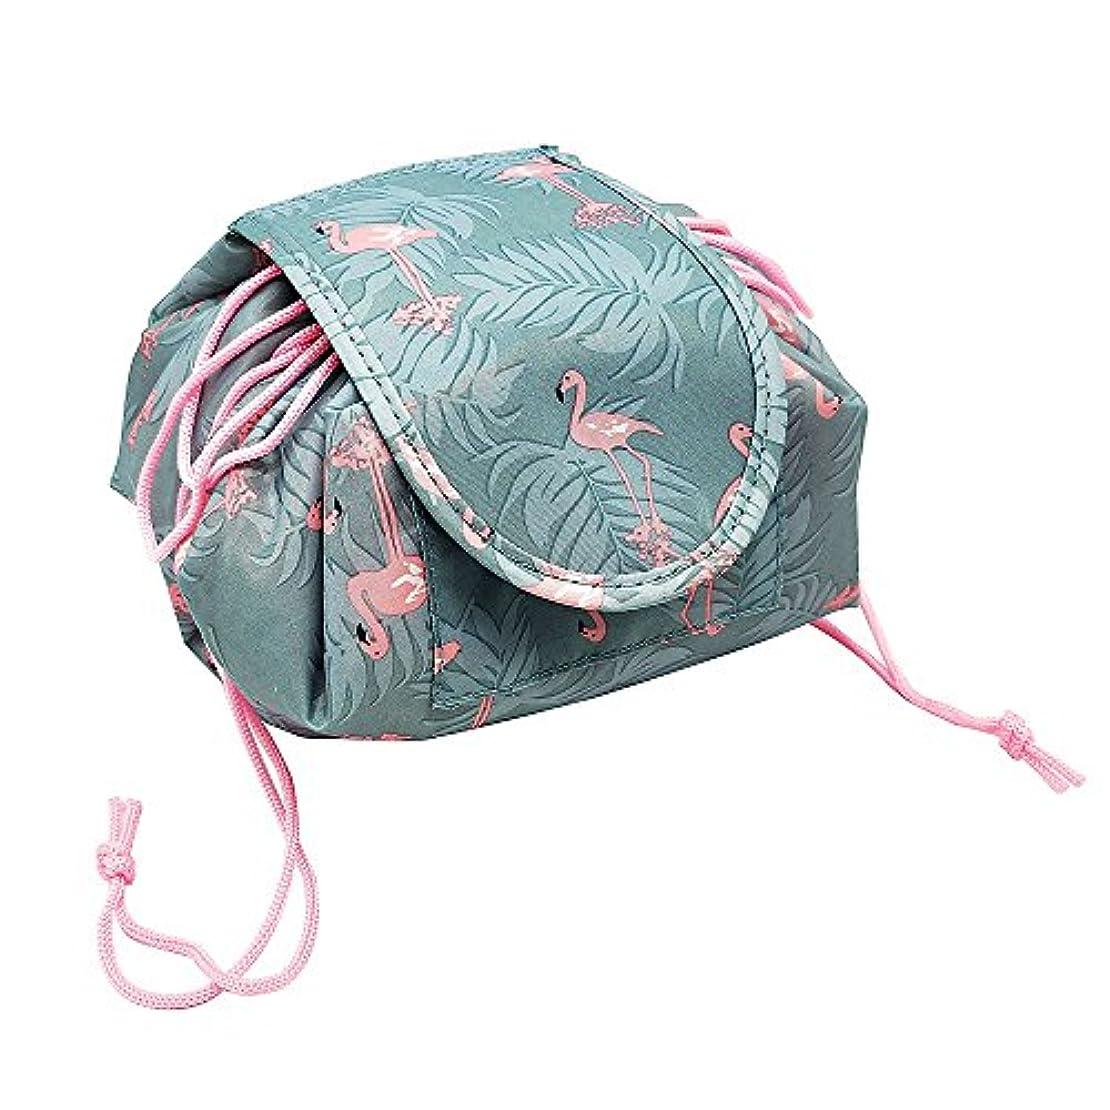 幾何学スペイン語戦術YOE(ヨイ) 化粧ポーチ 巾着型 メイクポーチ 化粧品収納 ボックス メイクバッグ コスメ収納 ポーチ レディース (フリーサイズ, フラミンゴ)